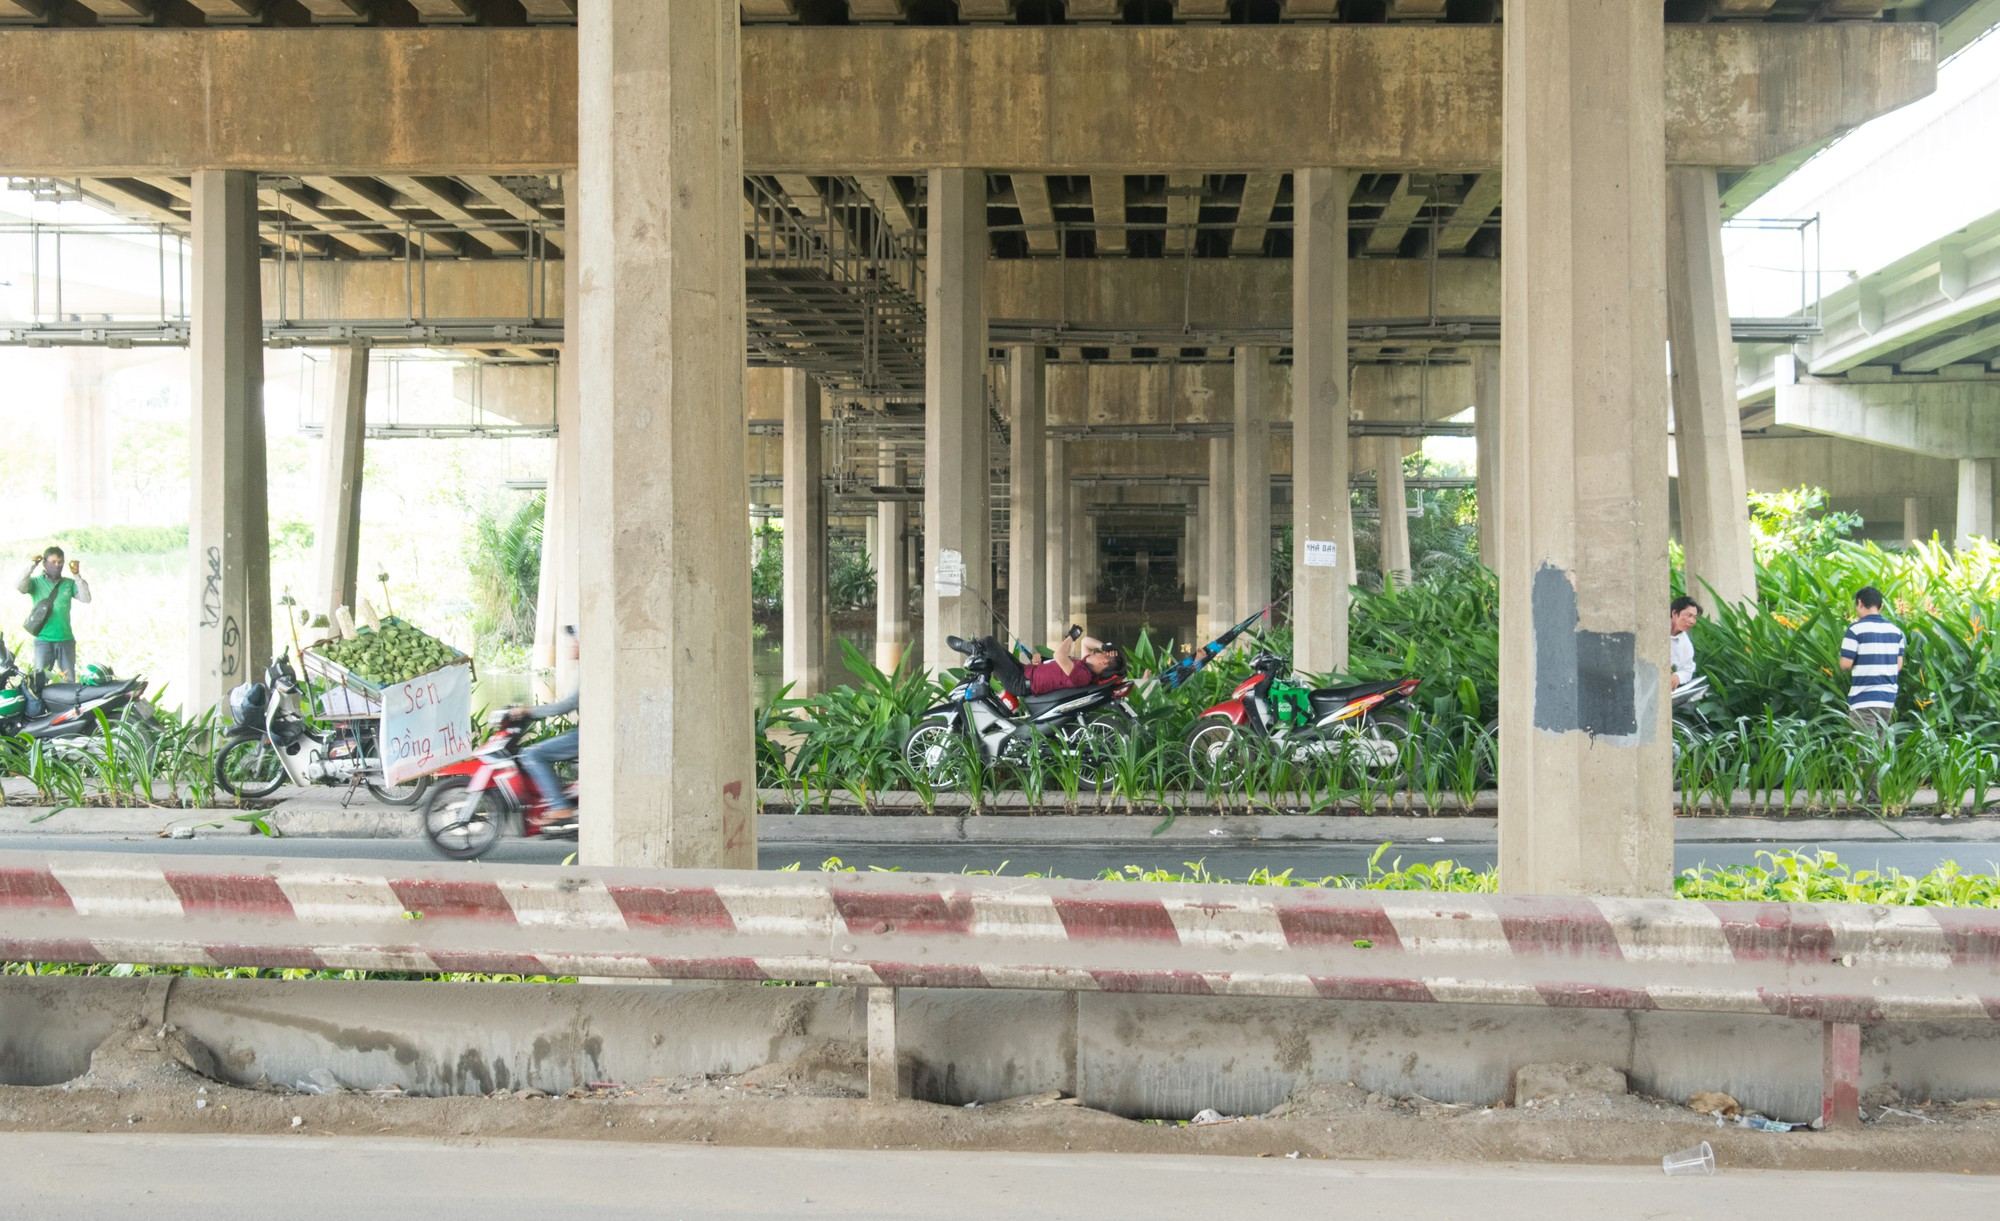 Sài Gòn nóng gần 40 độ C: Người dân xuống gầm cầu mắc võng ngủ trưa - Ảnh 6.